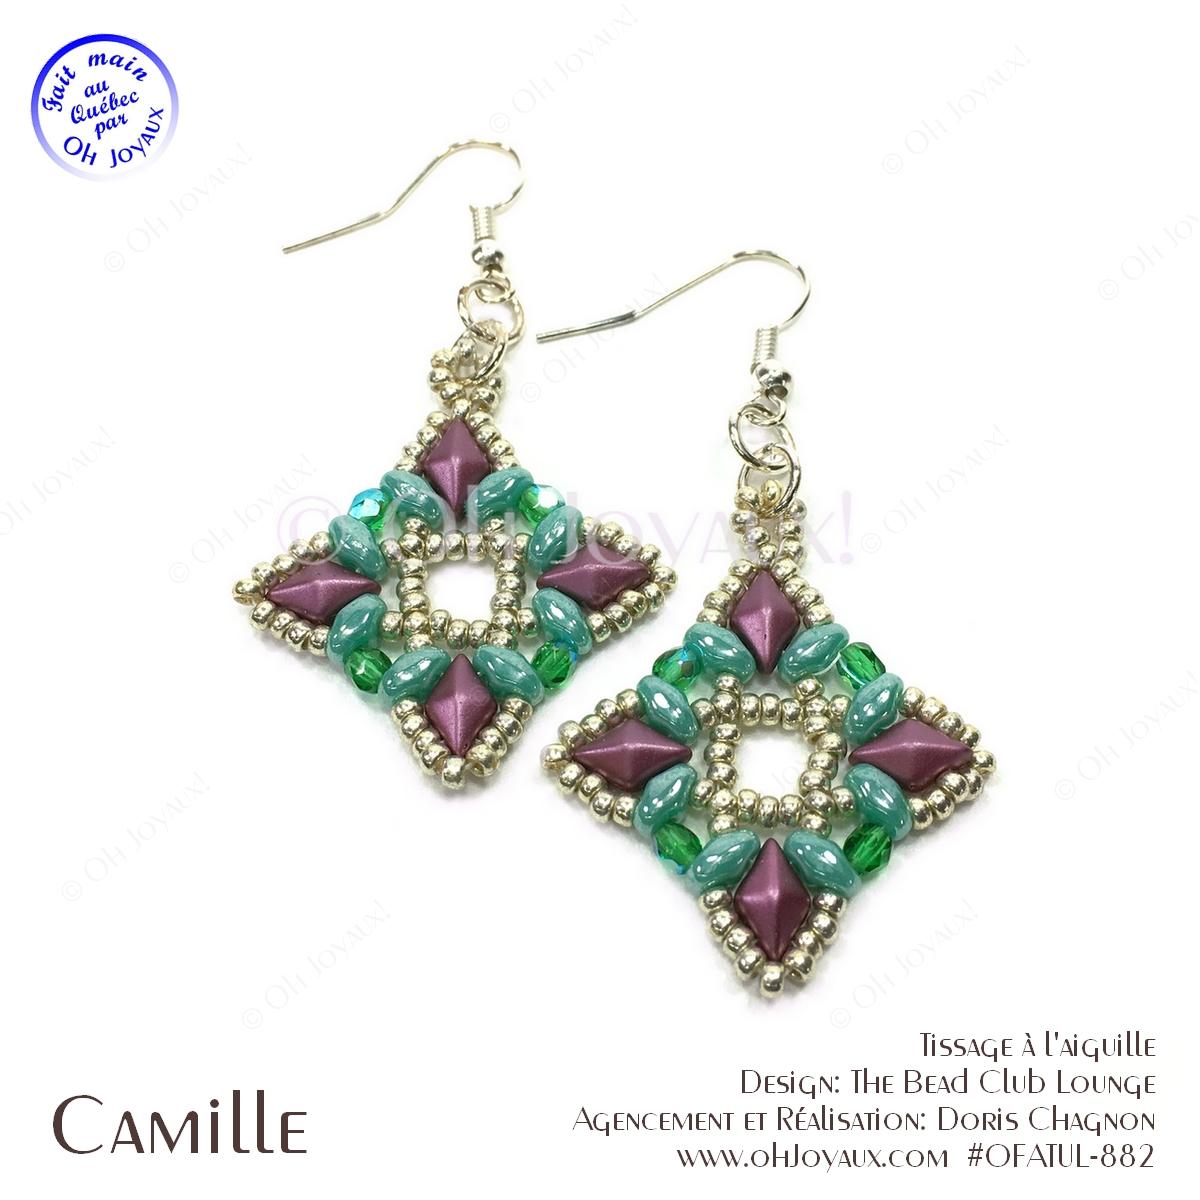 Boucles d'oreilles Camille en turquoise et magenta